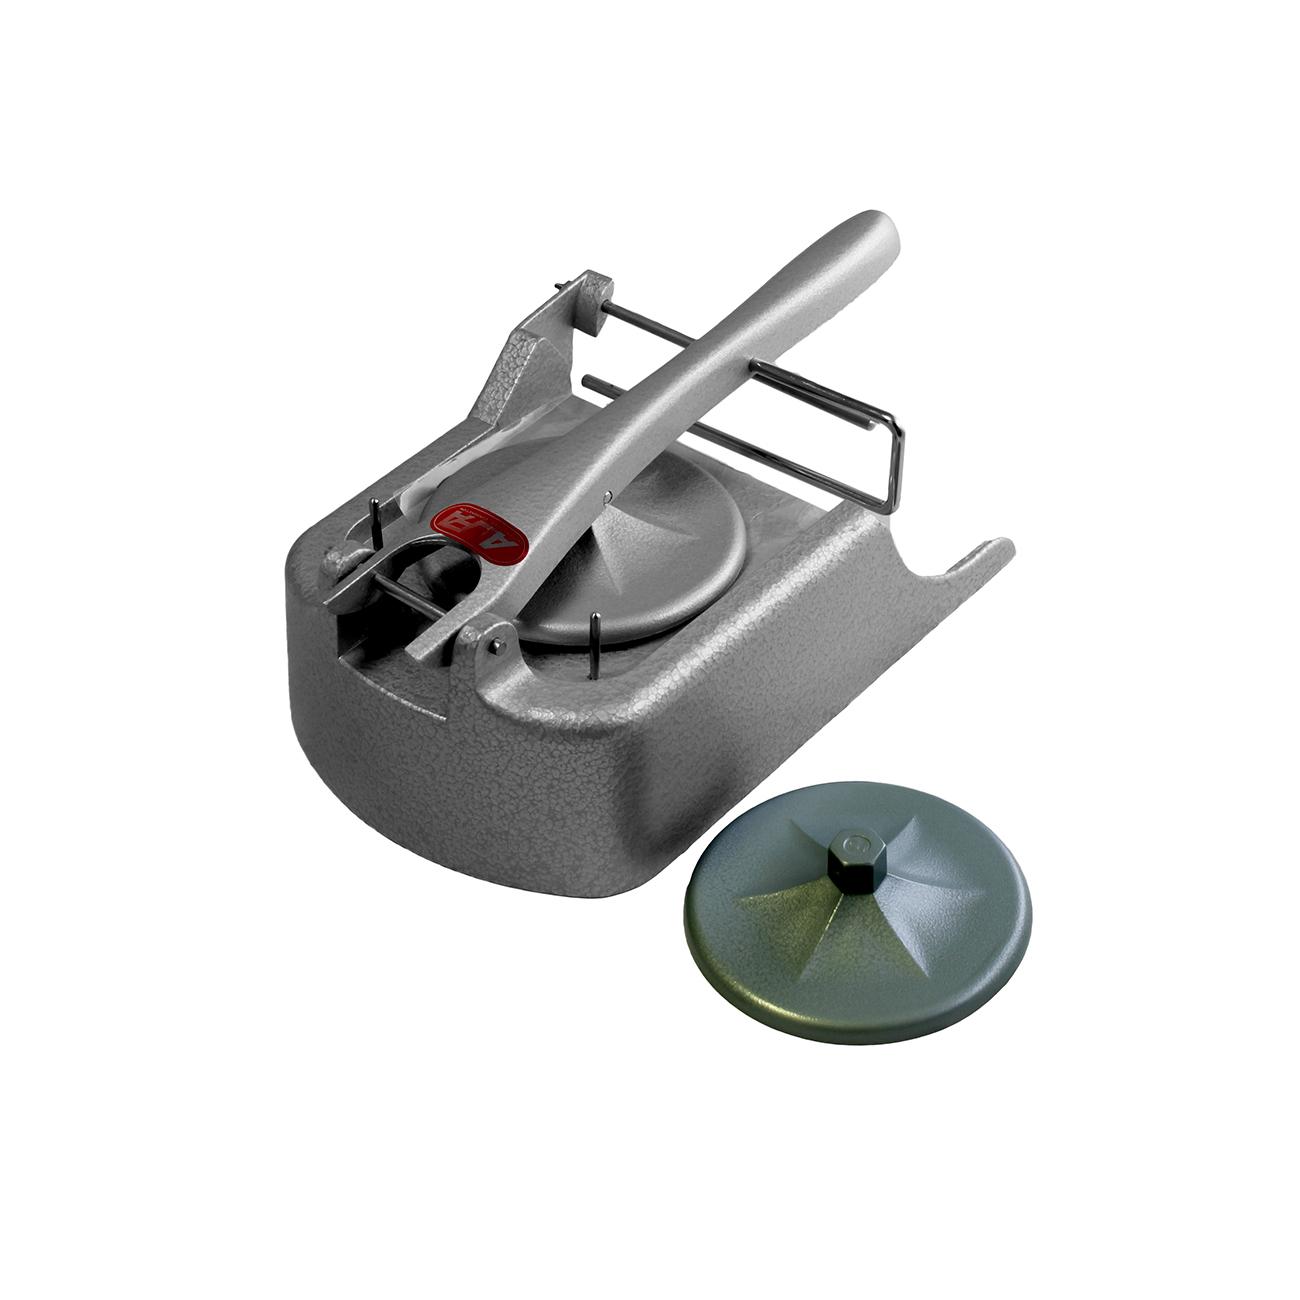 kitchen aid mixer reviews unique wall clocks alfa pm-1, 1/4lb & 1/2lb hamburger patty molding press ...